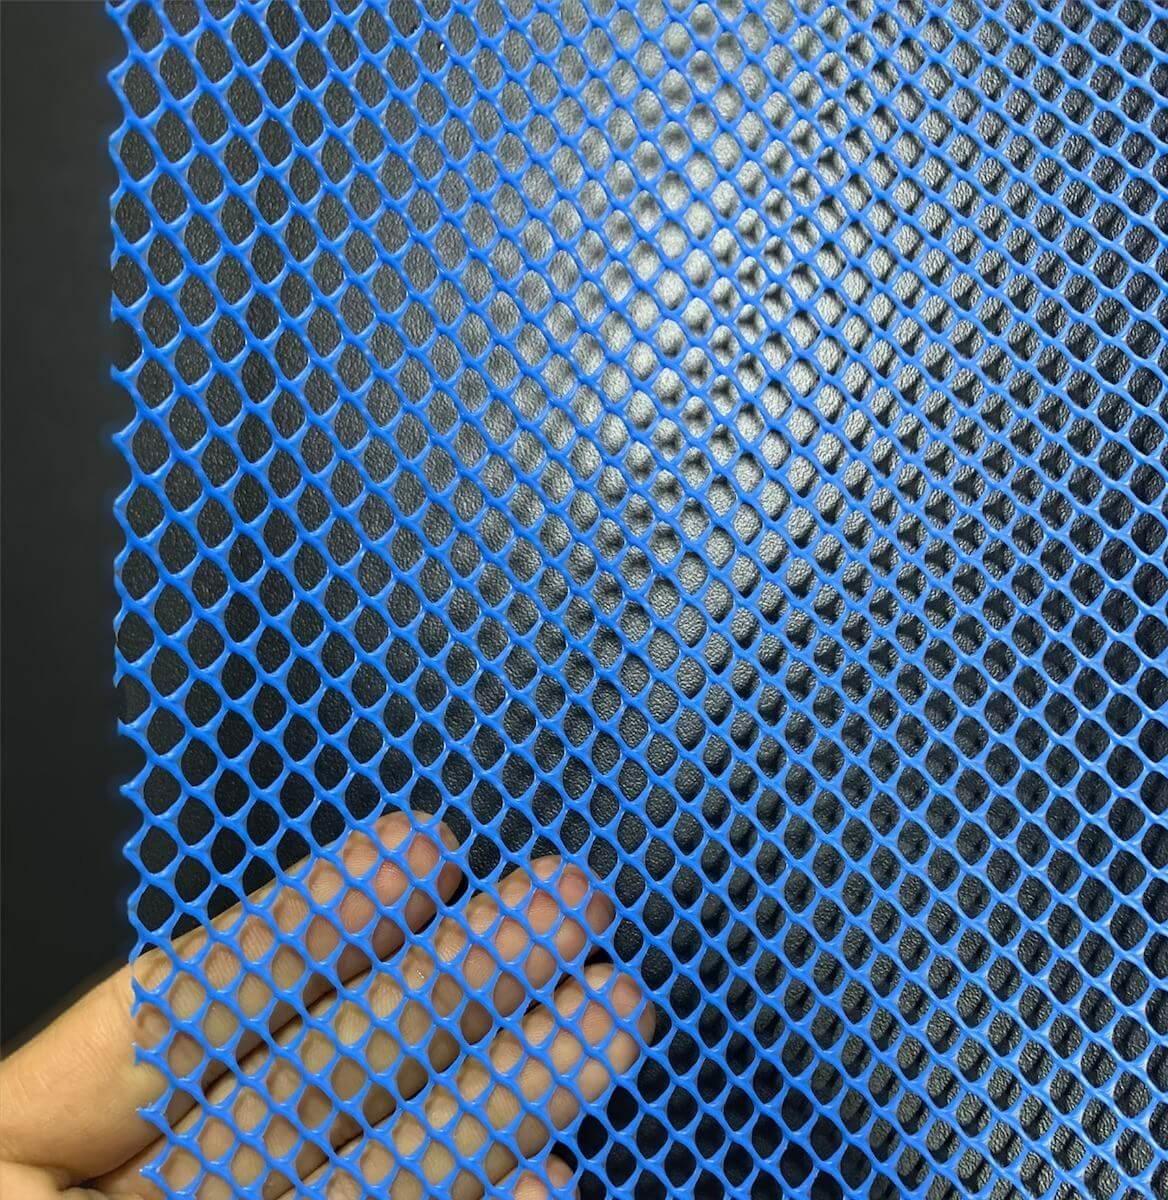 Tela Piscicultura Azul Peixe Alevino 4 Mm Pead 1 X 10 Metros